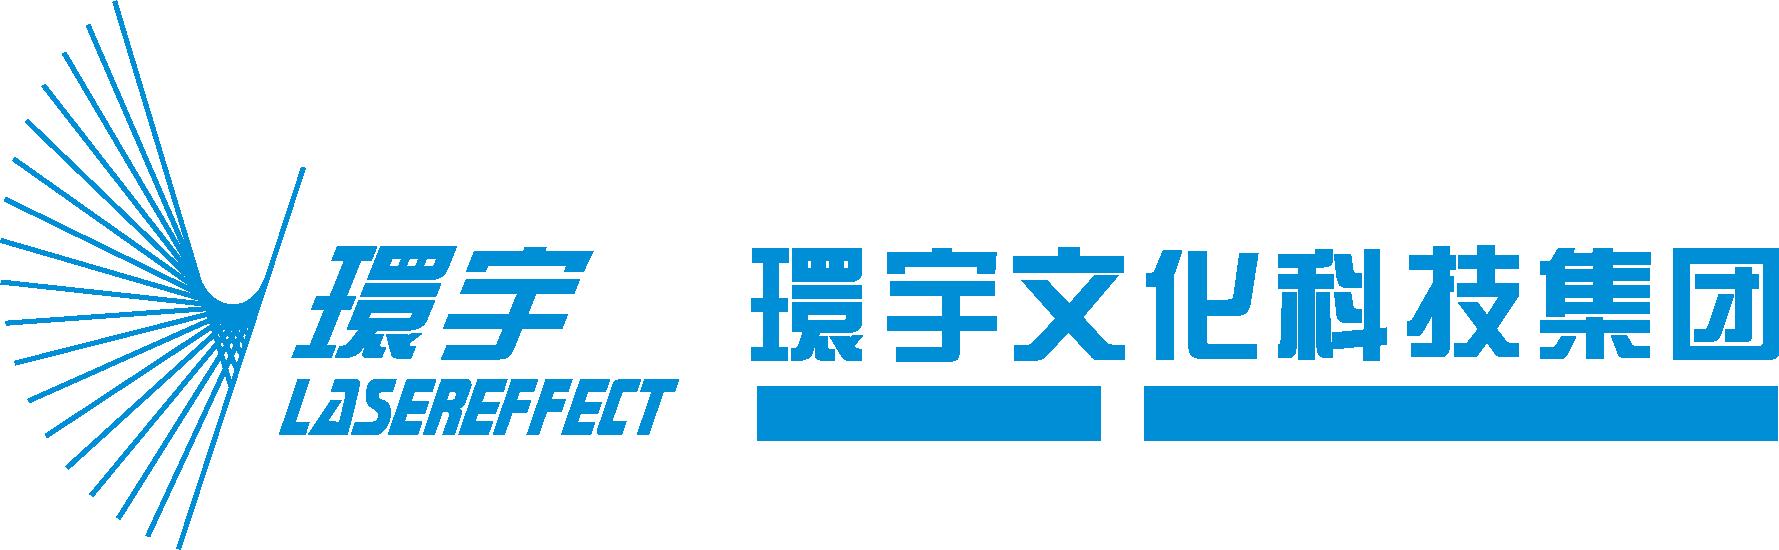 Lasereffects Logo